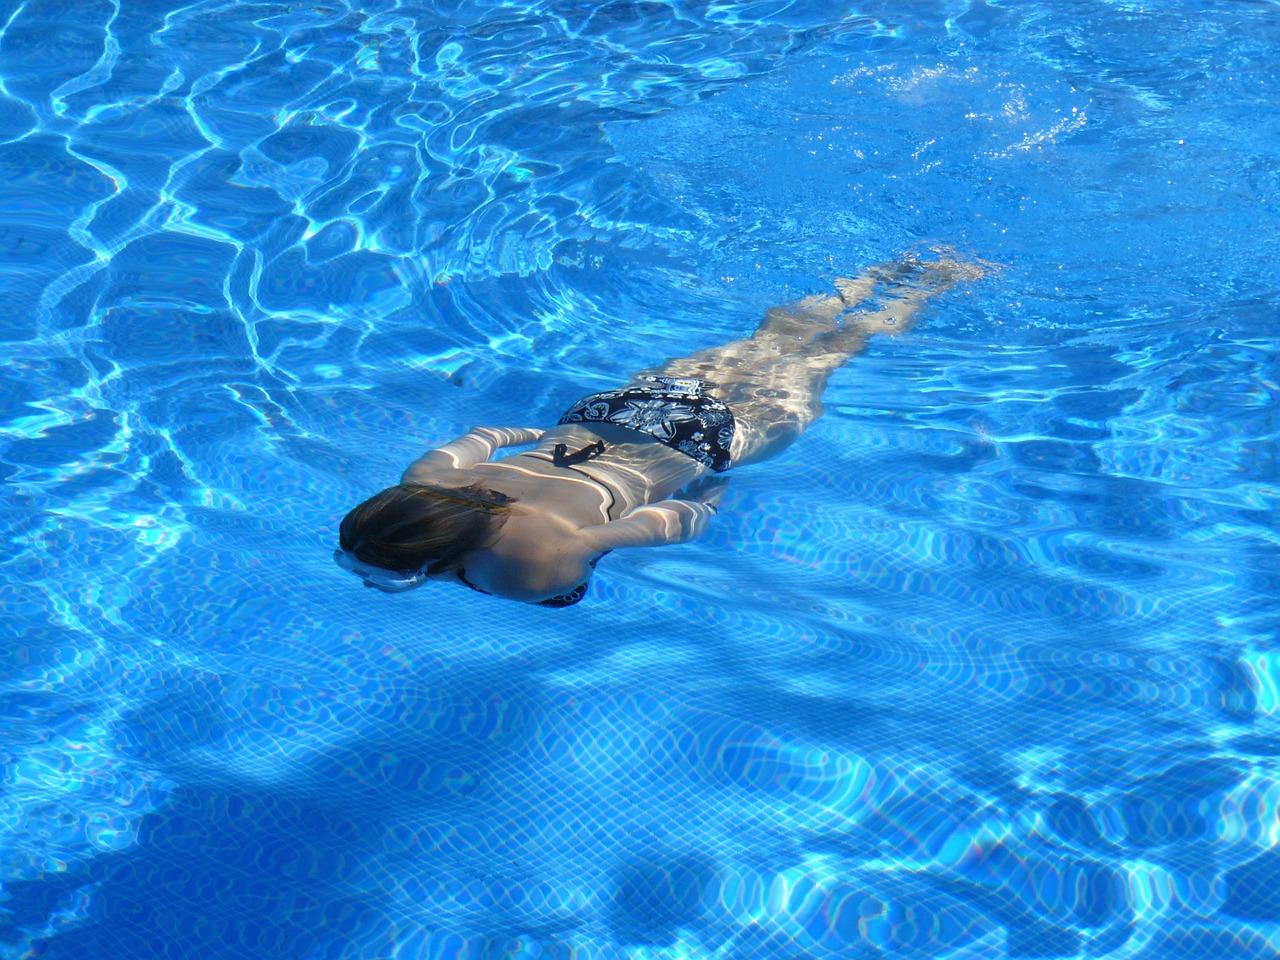 クロールの泳ぎ方のコツ☆初心者向けの練習方法をご紹介します